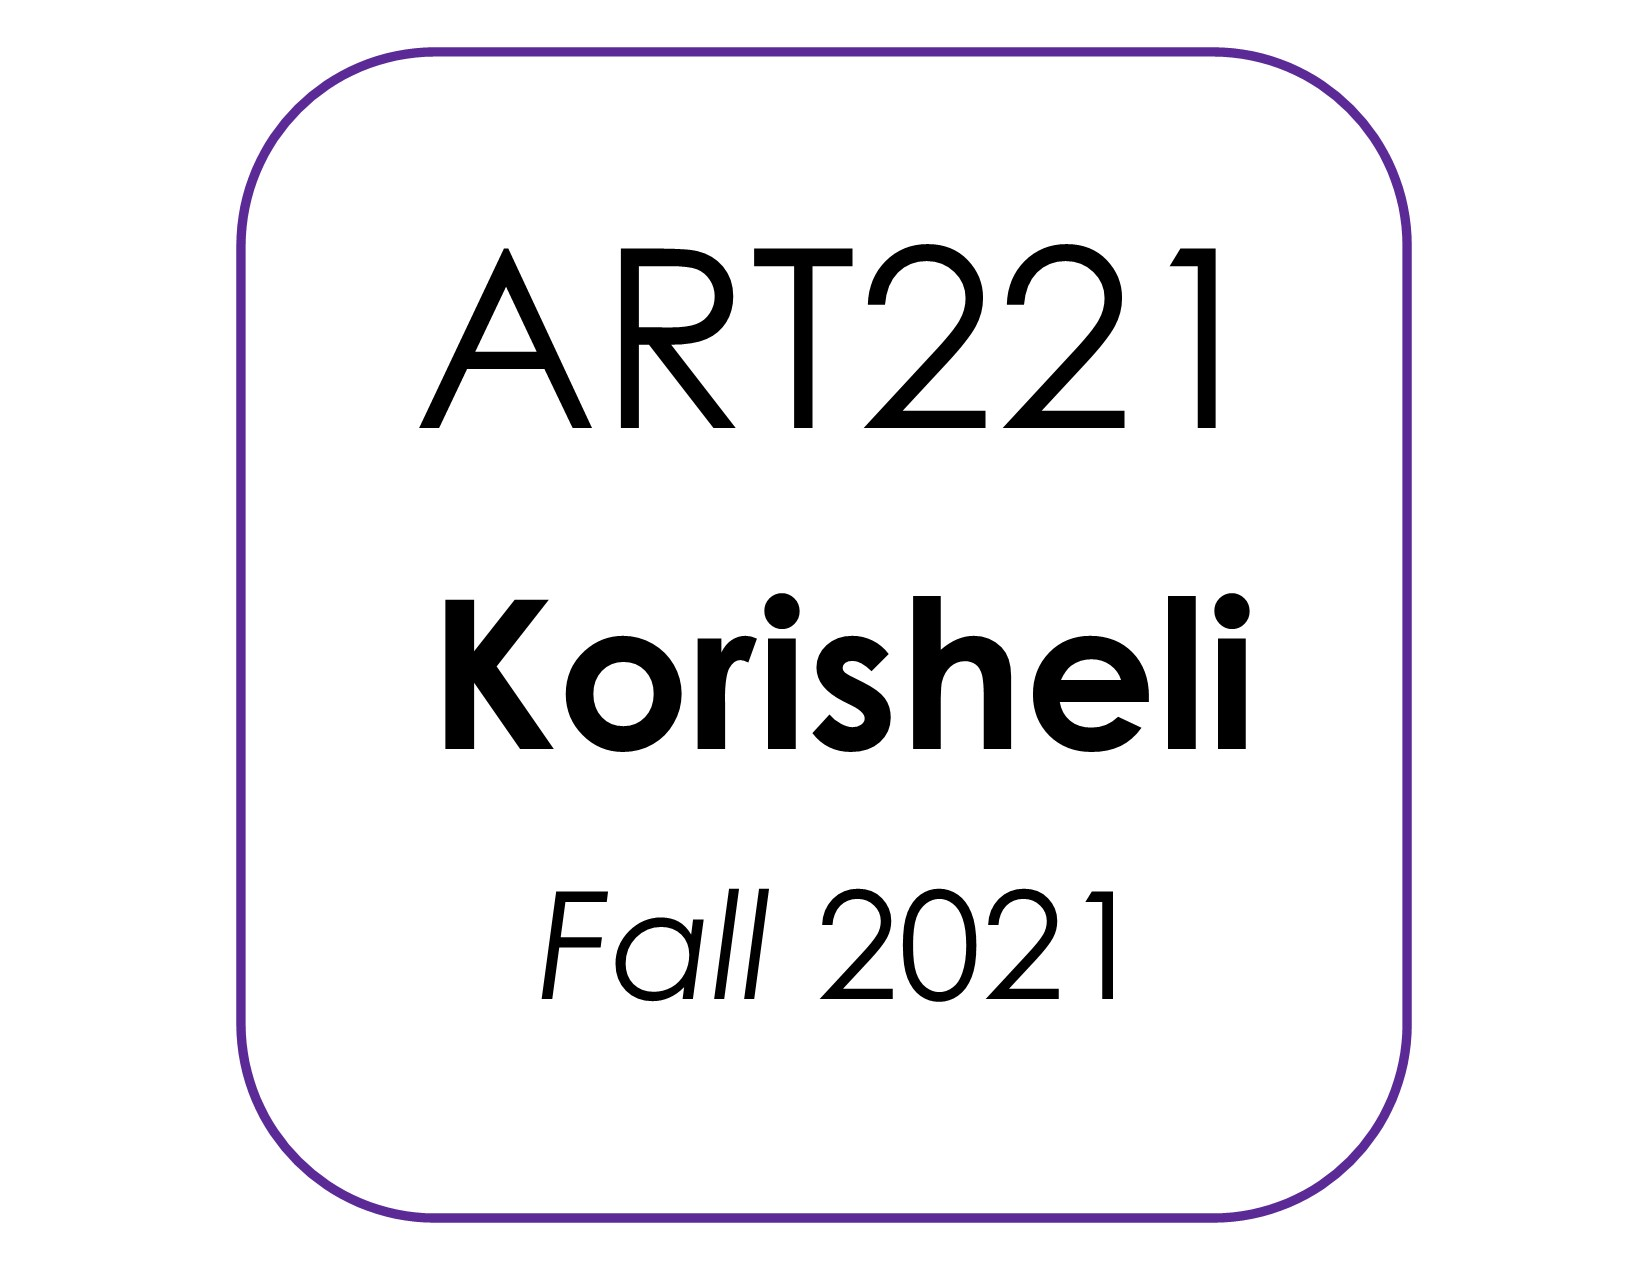 ART221 Korisheli kit image F2021